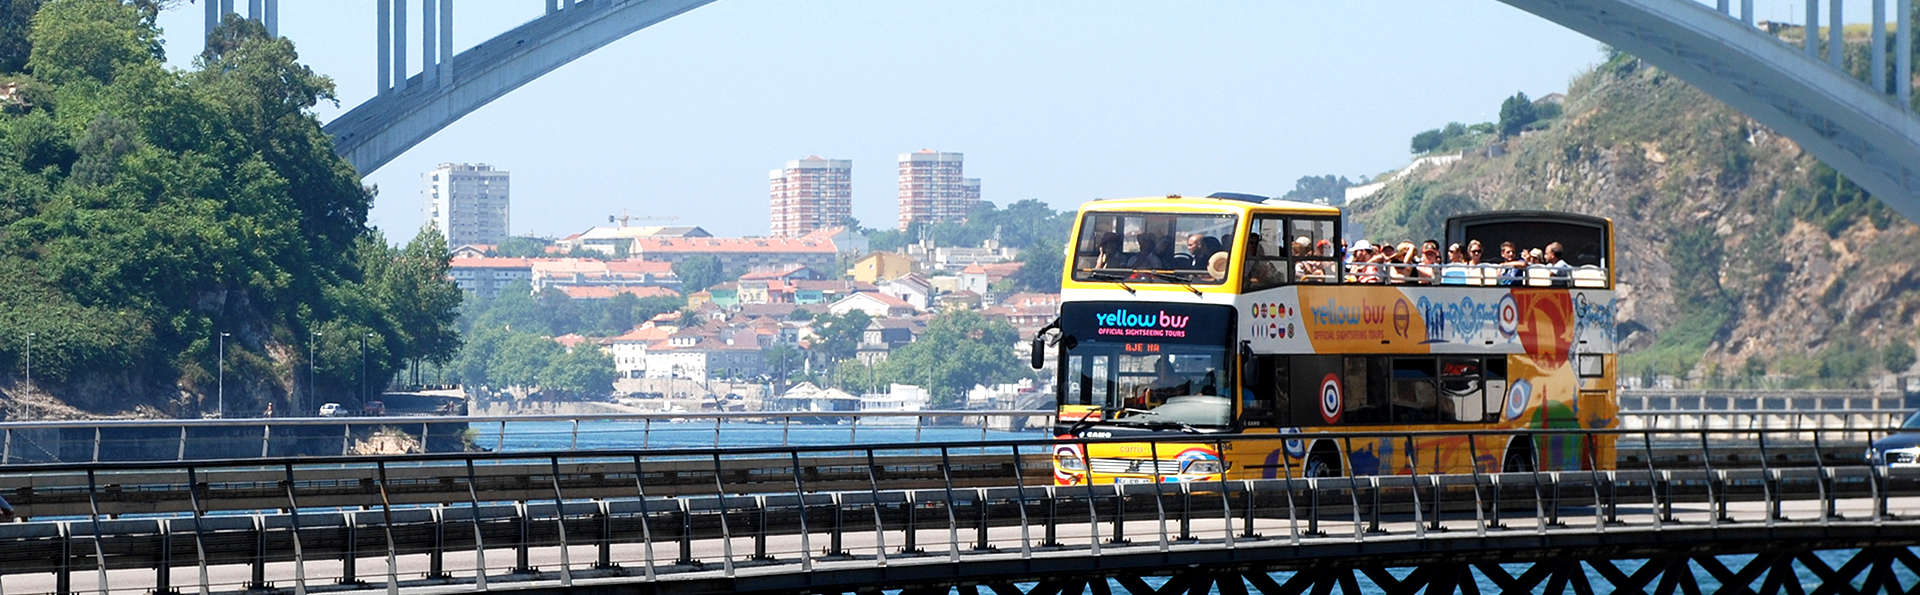 Escapada con tour en autobús panorámico por la encantadora ciudad de Oporto